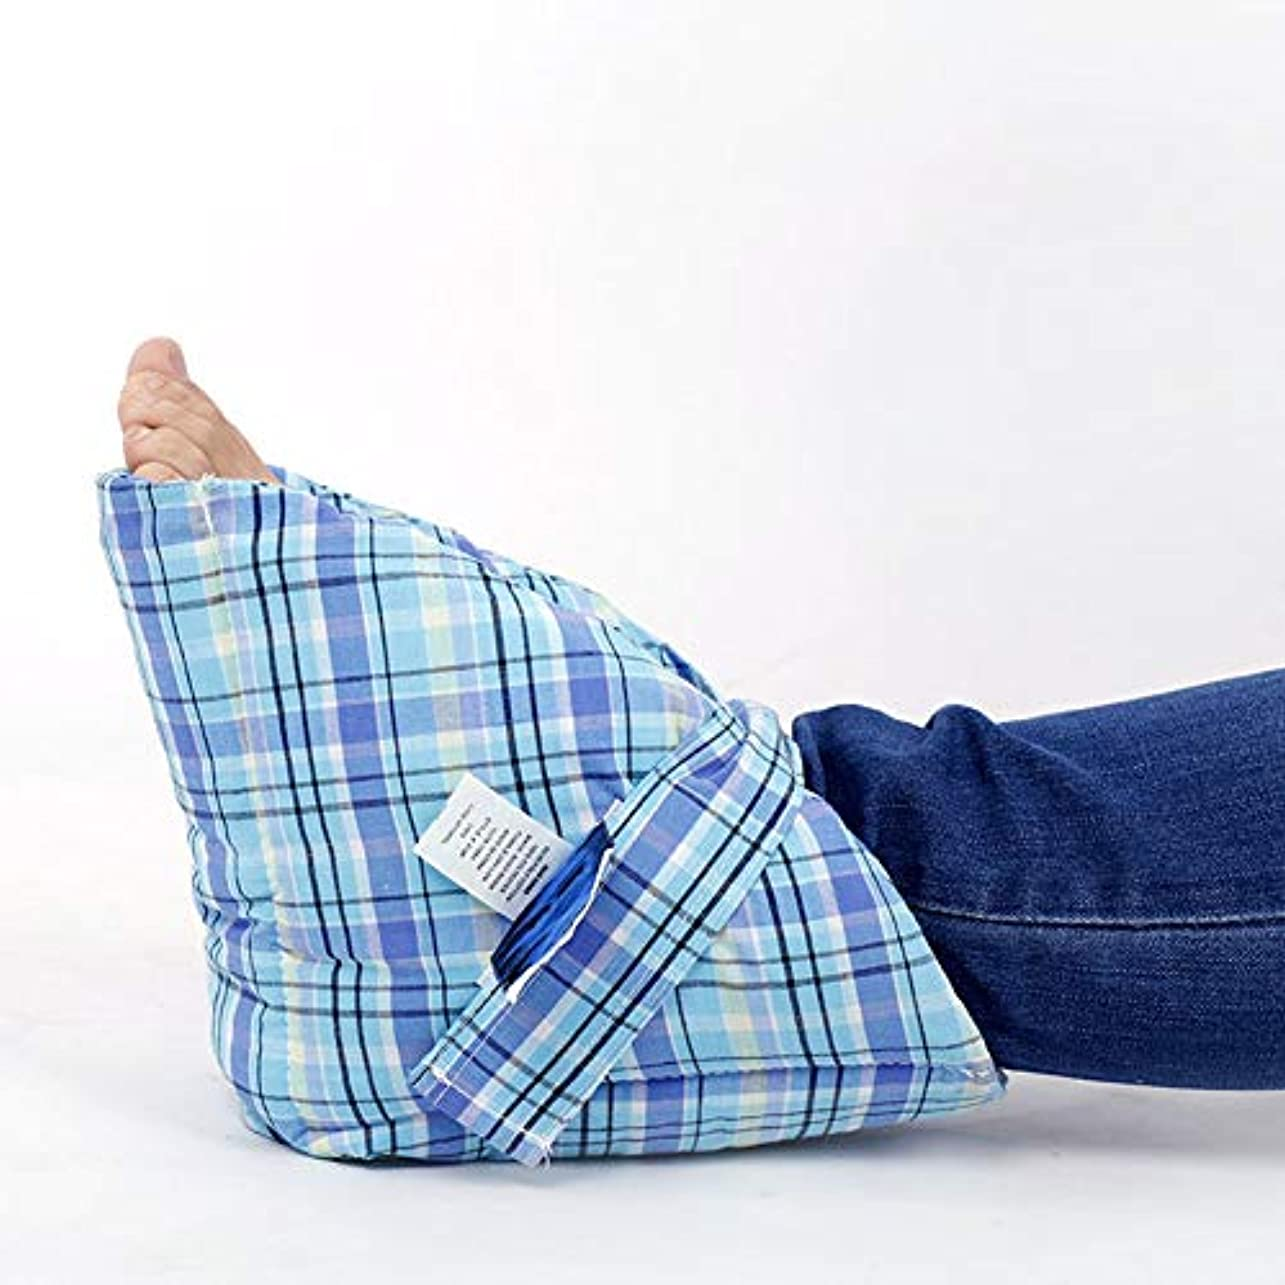 安心該当するプロテスタント抗床ずれヒールプロテクター枕、圧力緩和ヒールプロテクター、患者ケアヒールパッド足首プロテクタークッション、効果的な床ずれおよび足潰瘍緩和フットピロー (1PCS)